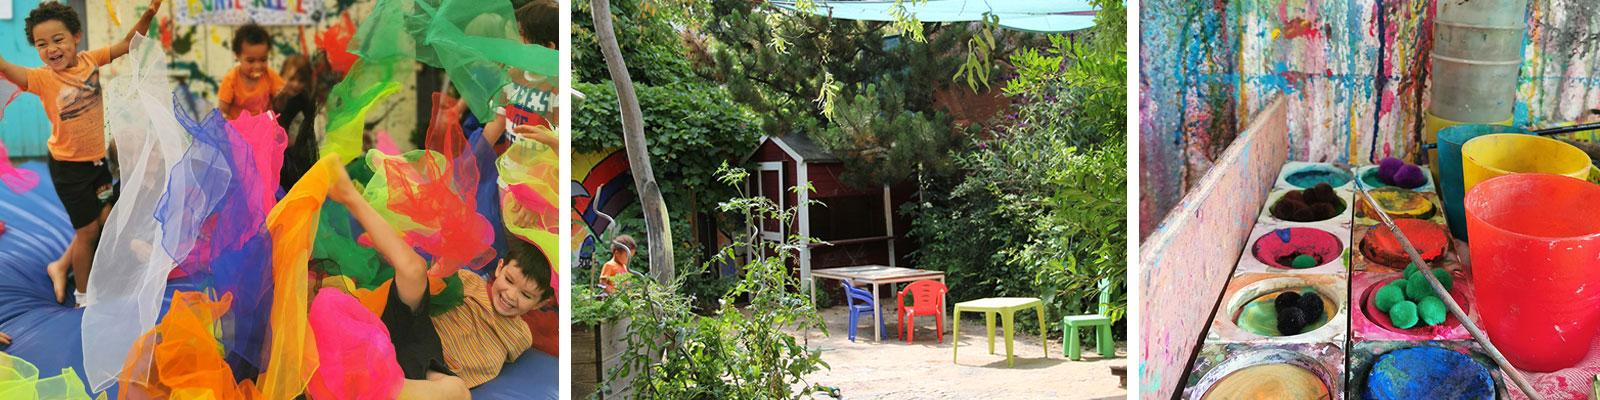 Kinderhaus Bunte Klexe